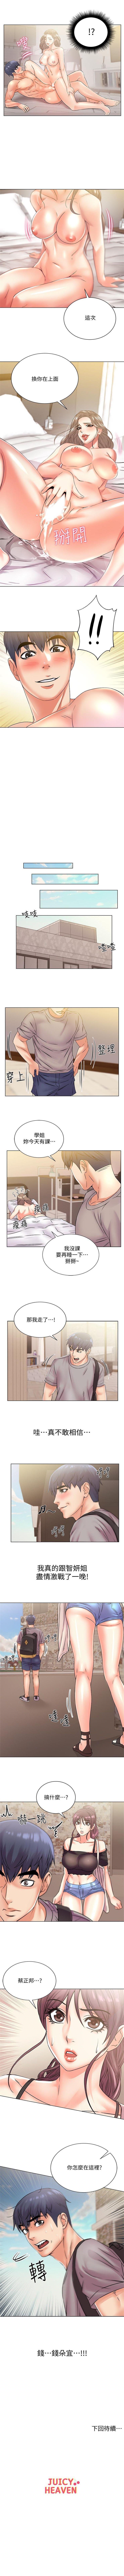 超市的漂亮姐姐 1-27 官方中文(連載中) 109